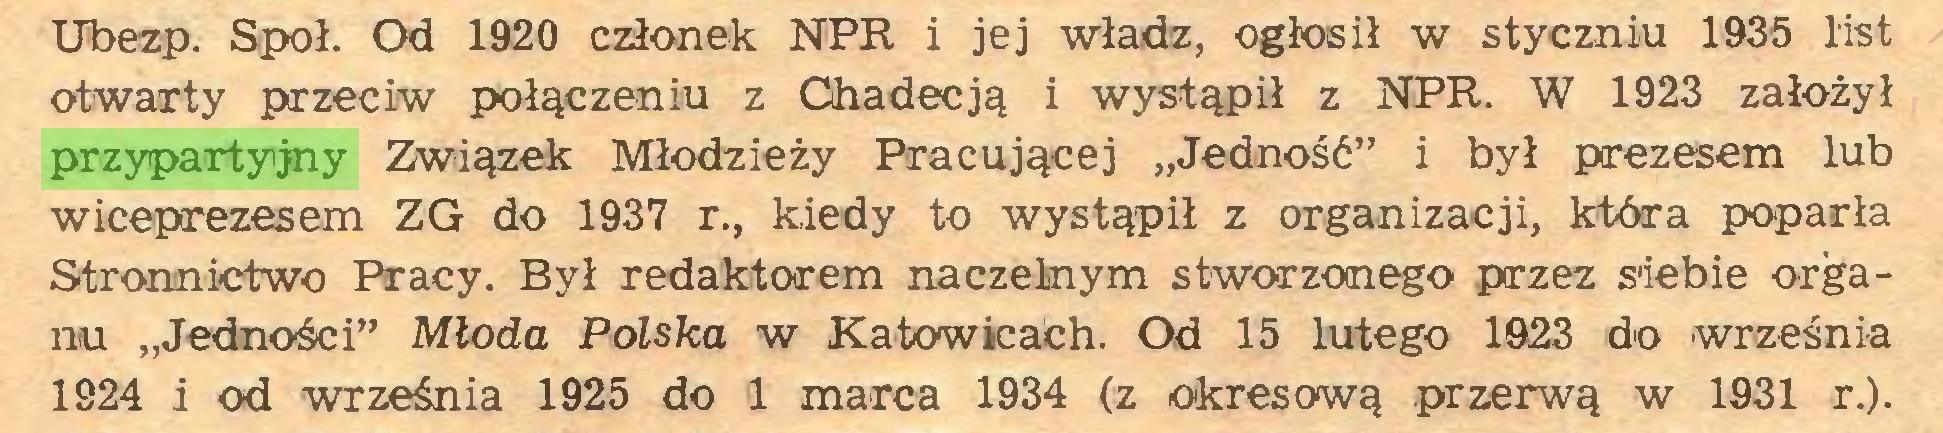 """(...) Ubezp. Społ. Od 1920 członek NPR i jej władz, ogłosił w styczniu 1935 list otwarty przeciw połączeniu z Chadecją i wystąpił z NPR. W 1923 założył przypartyjny Związek Młodzieży Pracującej """"Jedność"""" i był prezesem lub wiceprezesem ZG do 1937 r., kiedy to wystąpił z organizacji, która poparła Stronnictwo Pracy. Był redaktorem naczelnym stworzonego przez siebie organu """"Jedności"""" Młoda Polska w Katowicach. Od 15 lutego 1923 do września 1924 i od września 1925 do 1 marca 1934 (z okresową przerwą w 1931 r.)..."""